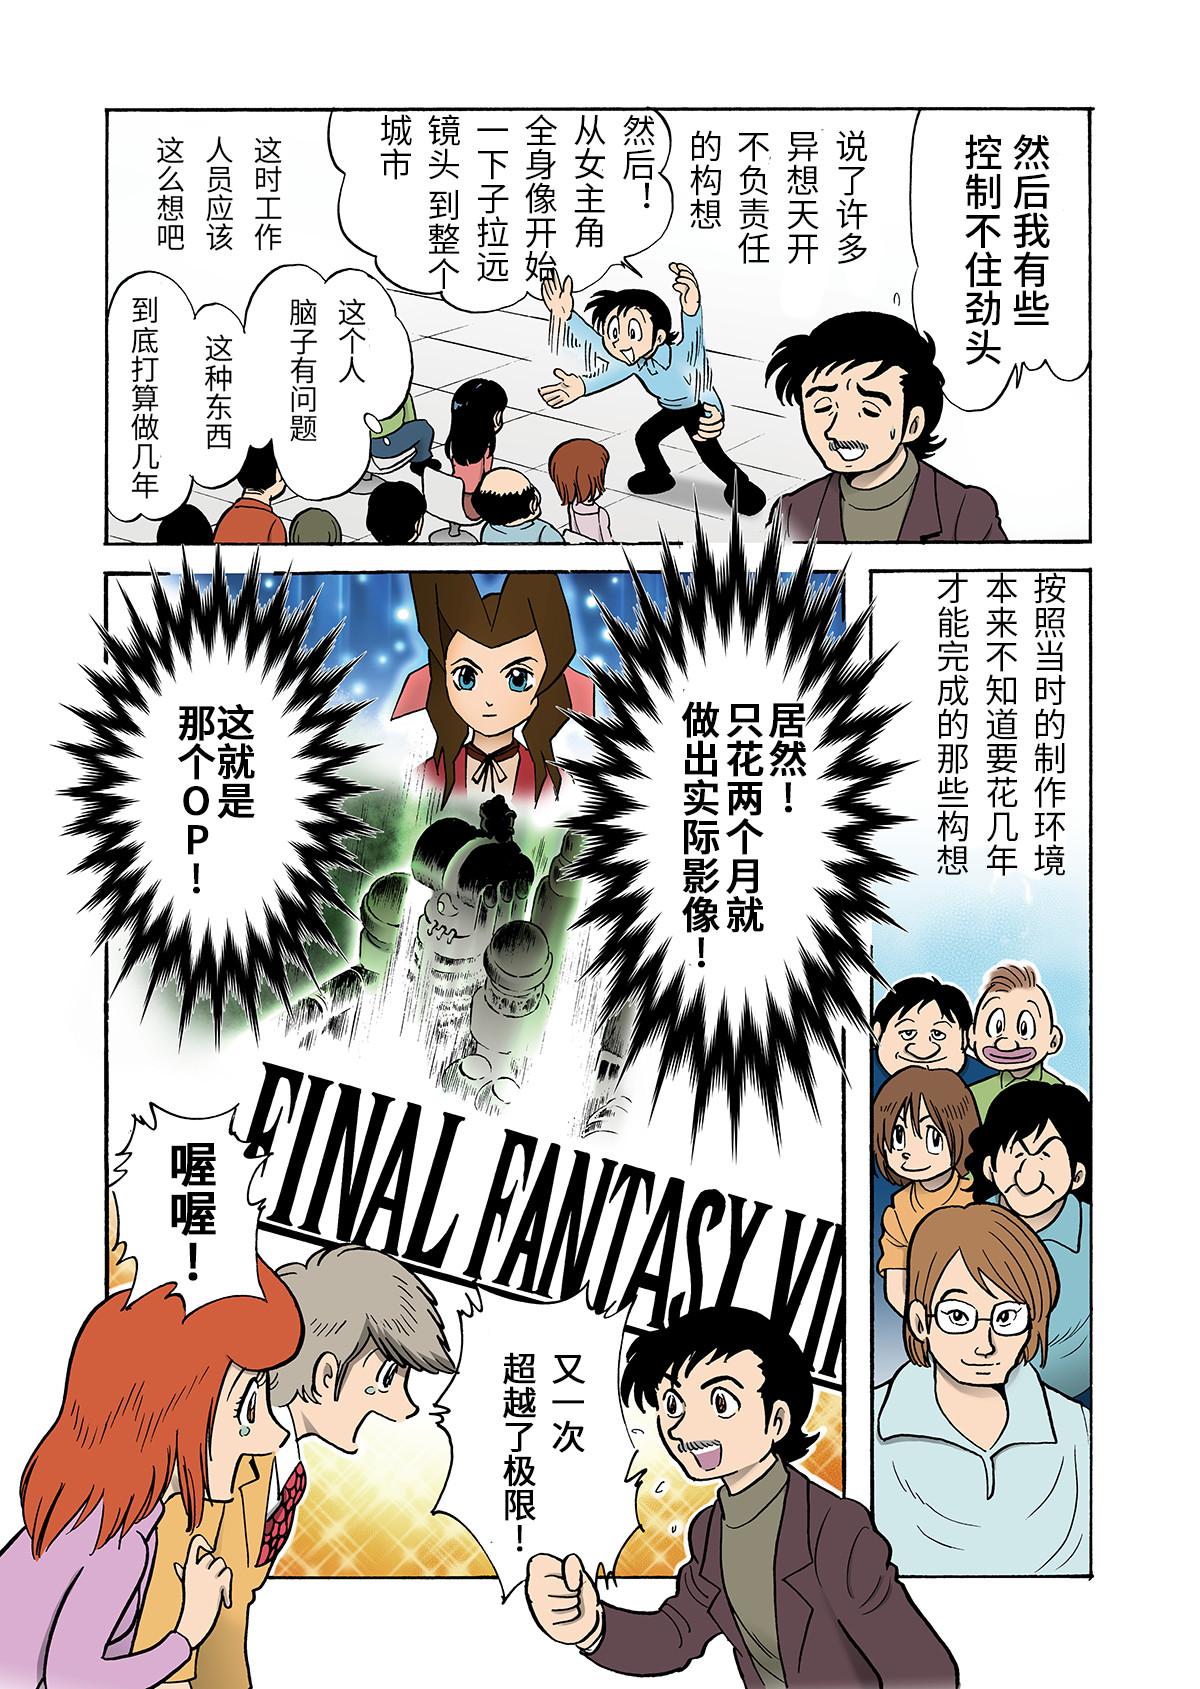 """【漫画游戏史】敢与""""龙头""""争高下,""""最终幻想""""系列的来历 ——《都是年少轻狂 ~游戏创作者的青春~》 图片12"""